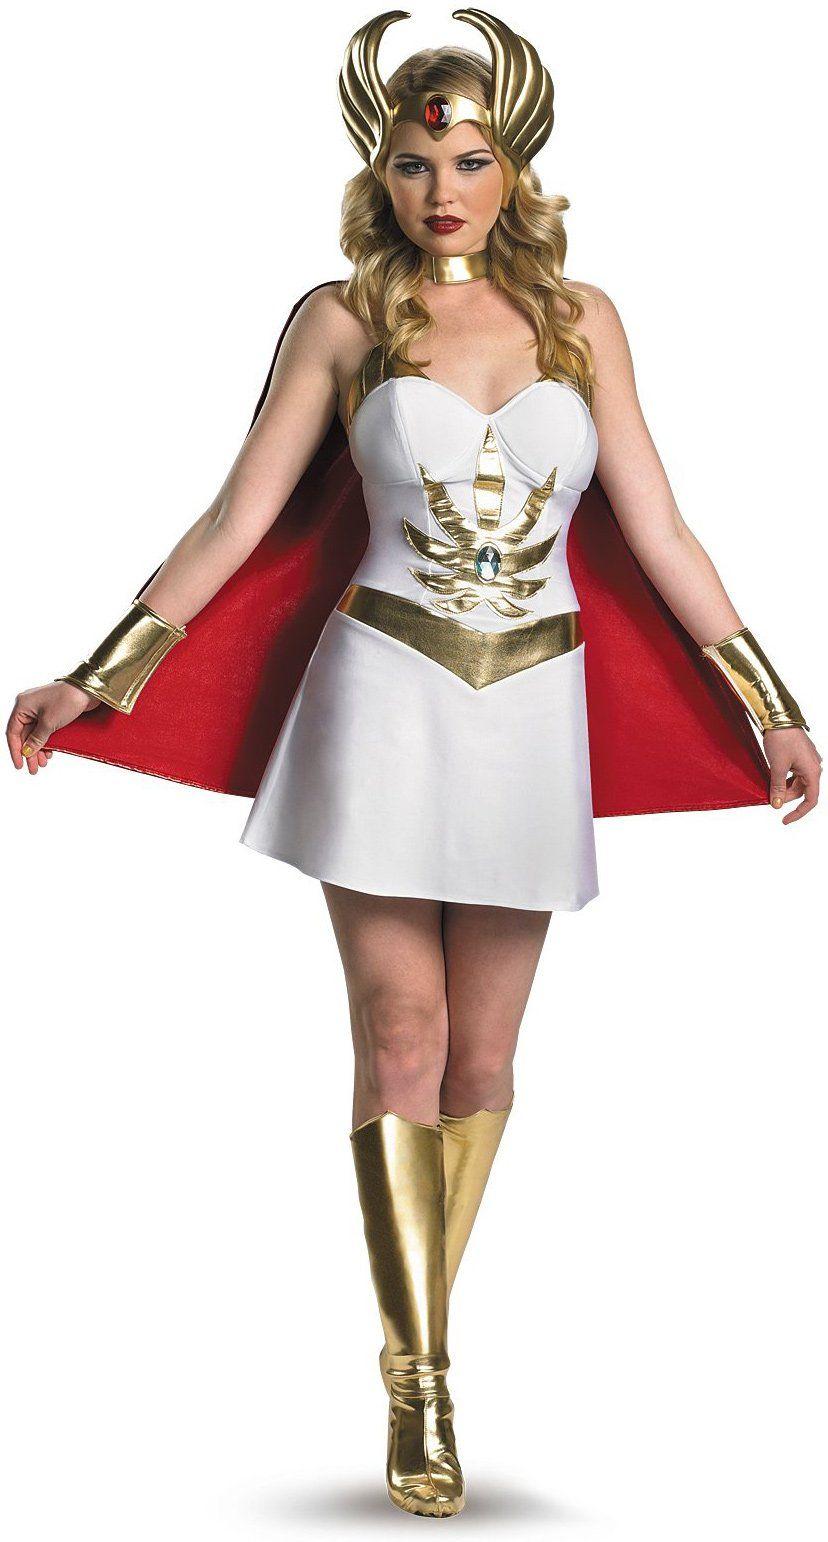 a447b27ca0 OMG !!! She Ra costume